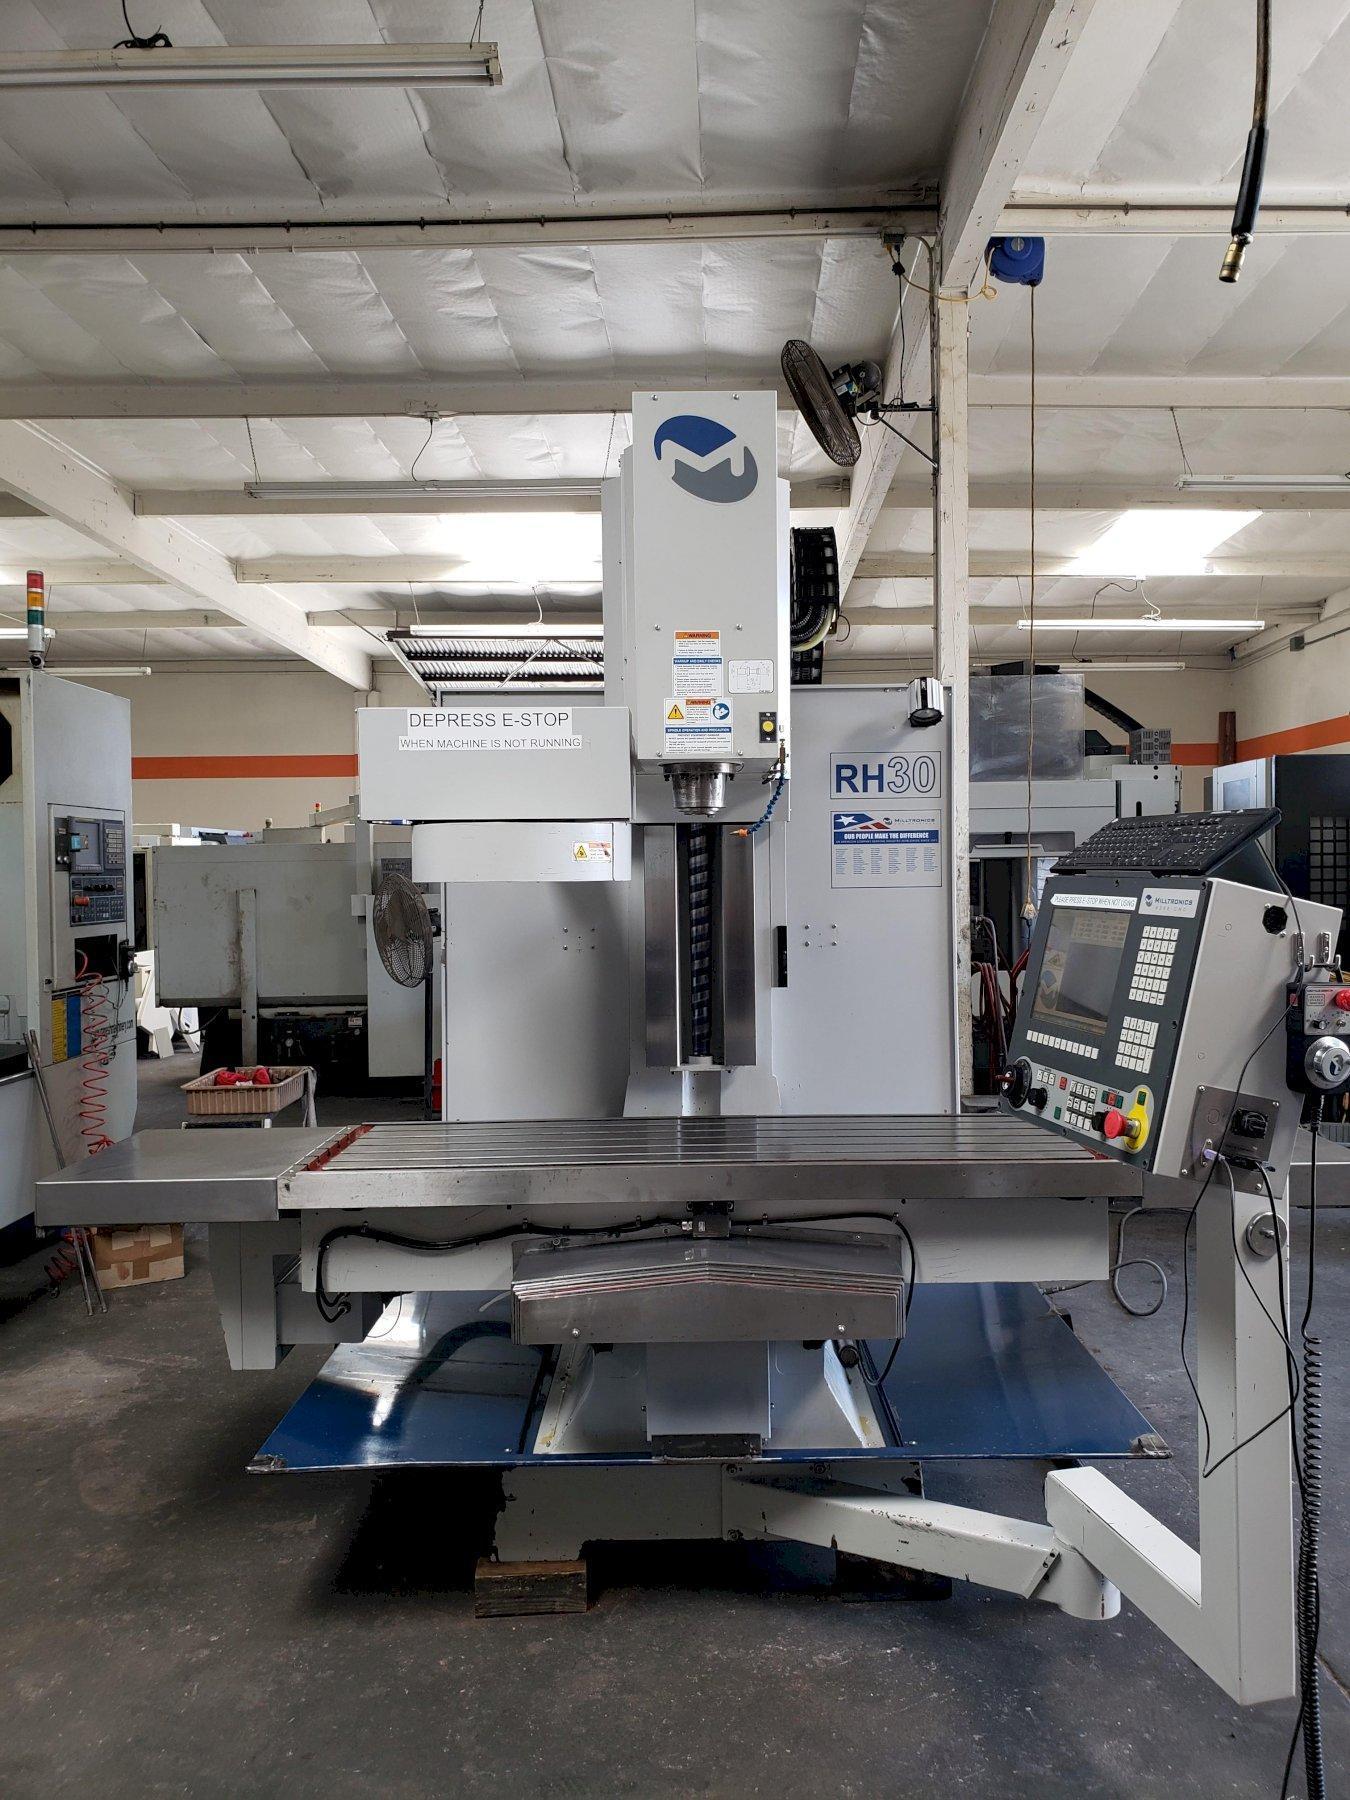 Milltronics RH30L Toolroom Mill 2013 with: Milltronics 8200 CNC Control, 60